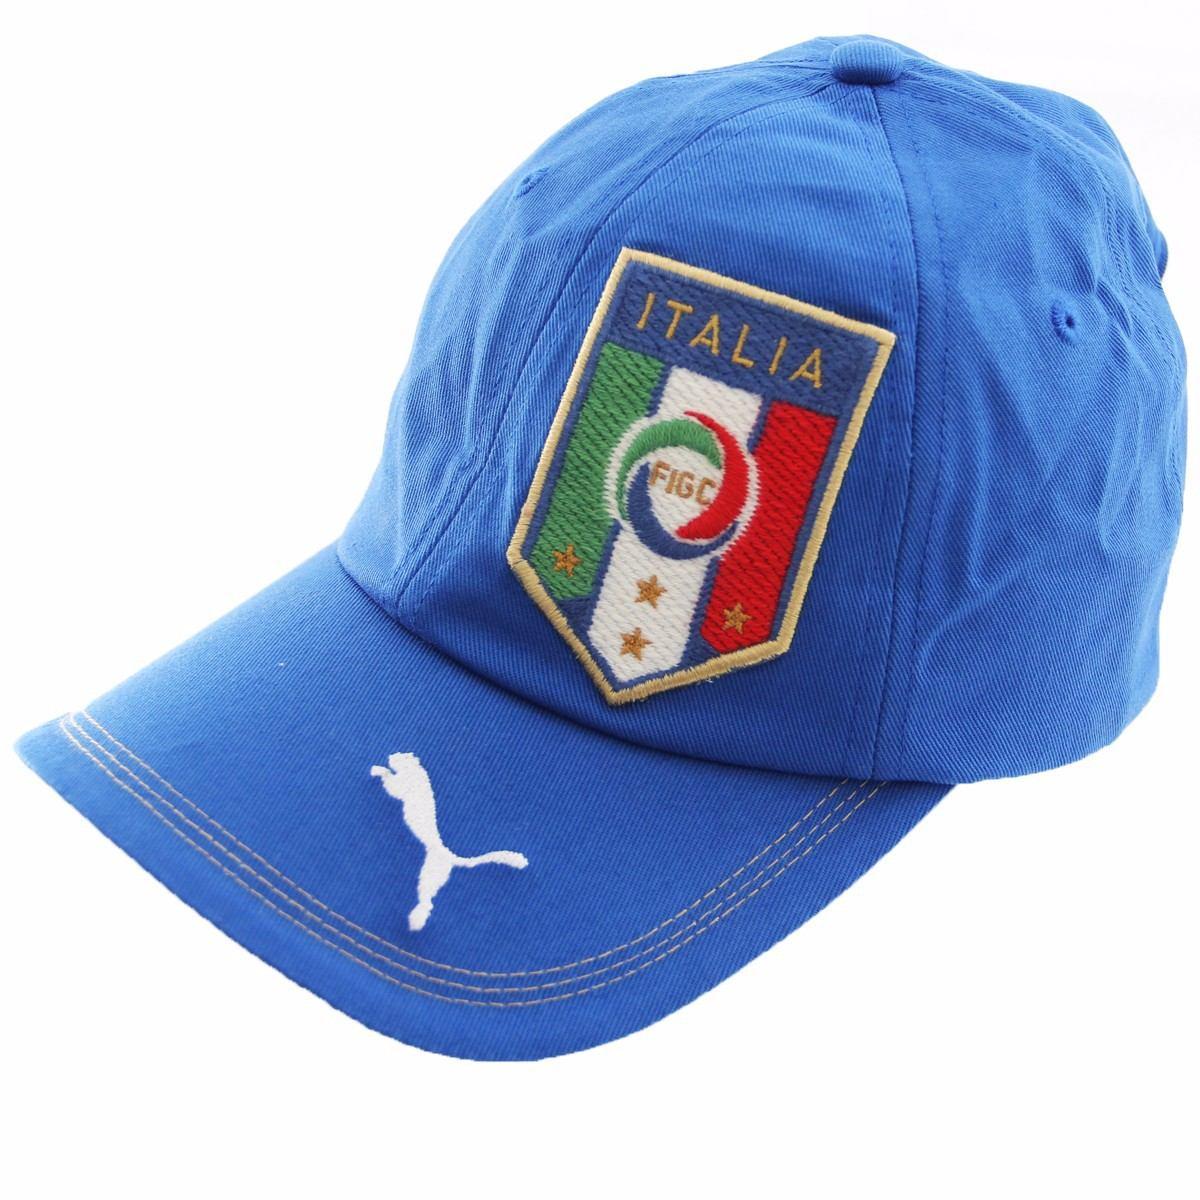 boné seleção itália oficial puma. Carregando zoom. 1230ddeb15d